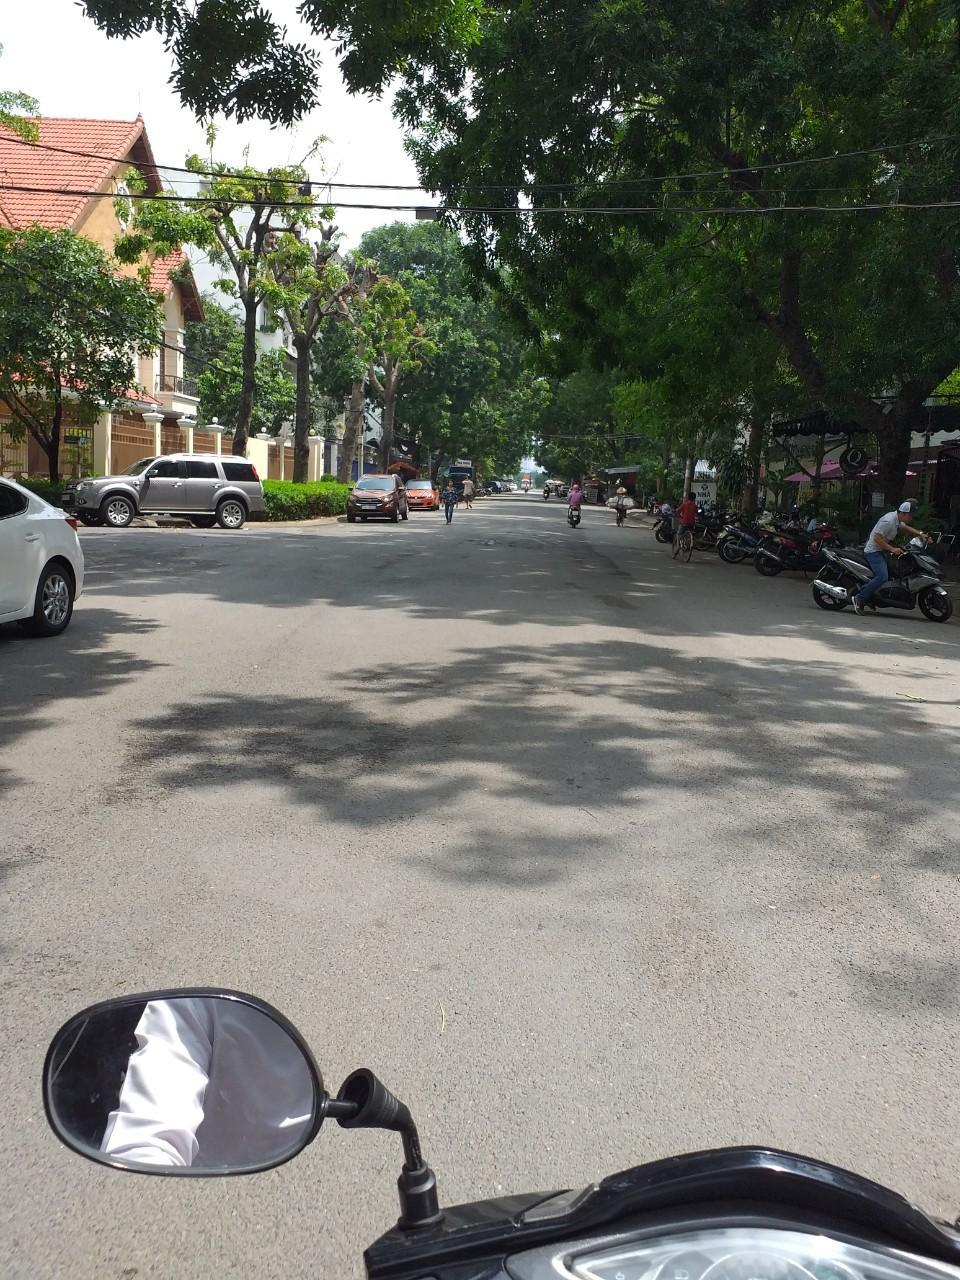 Bán nhà nát Quận 7 giá rẻ, đường Huỳnh Tấn Phát, ngay Khu phức hợp La Casa. DT 5x16m